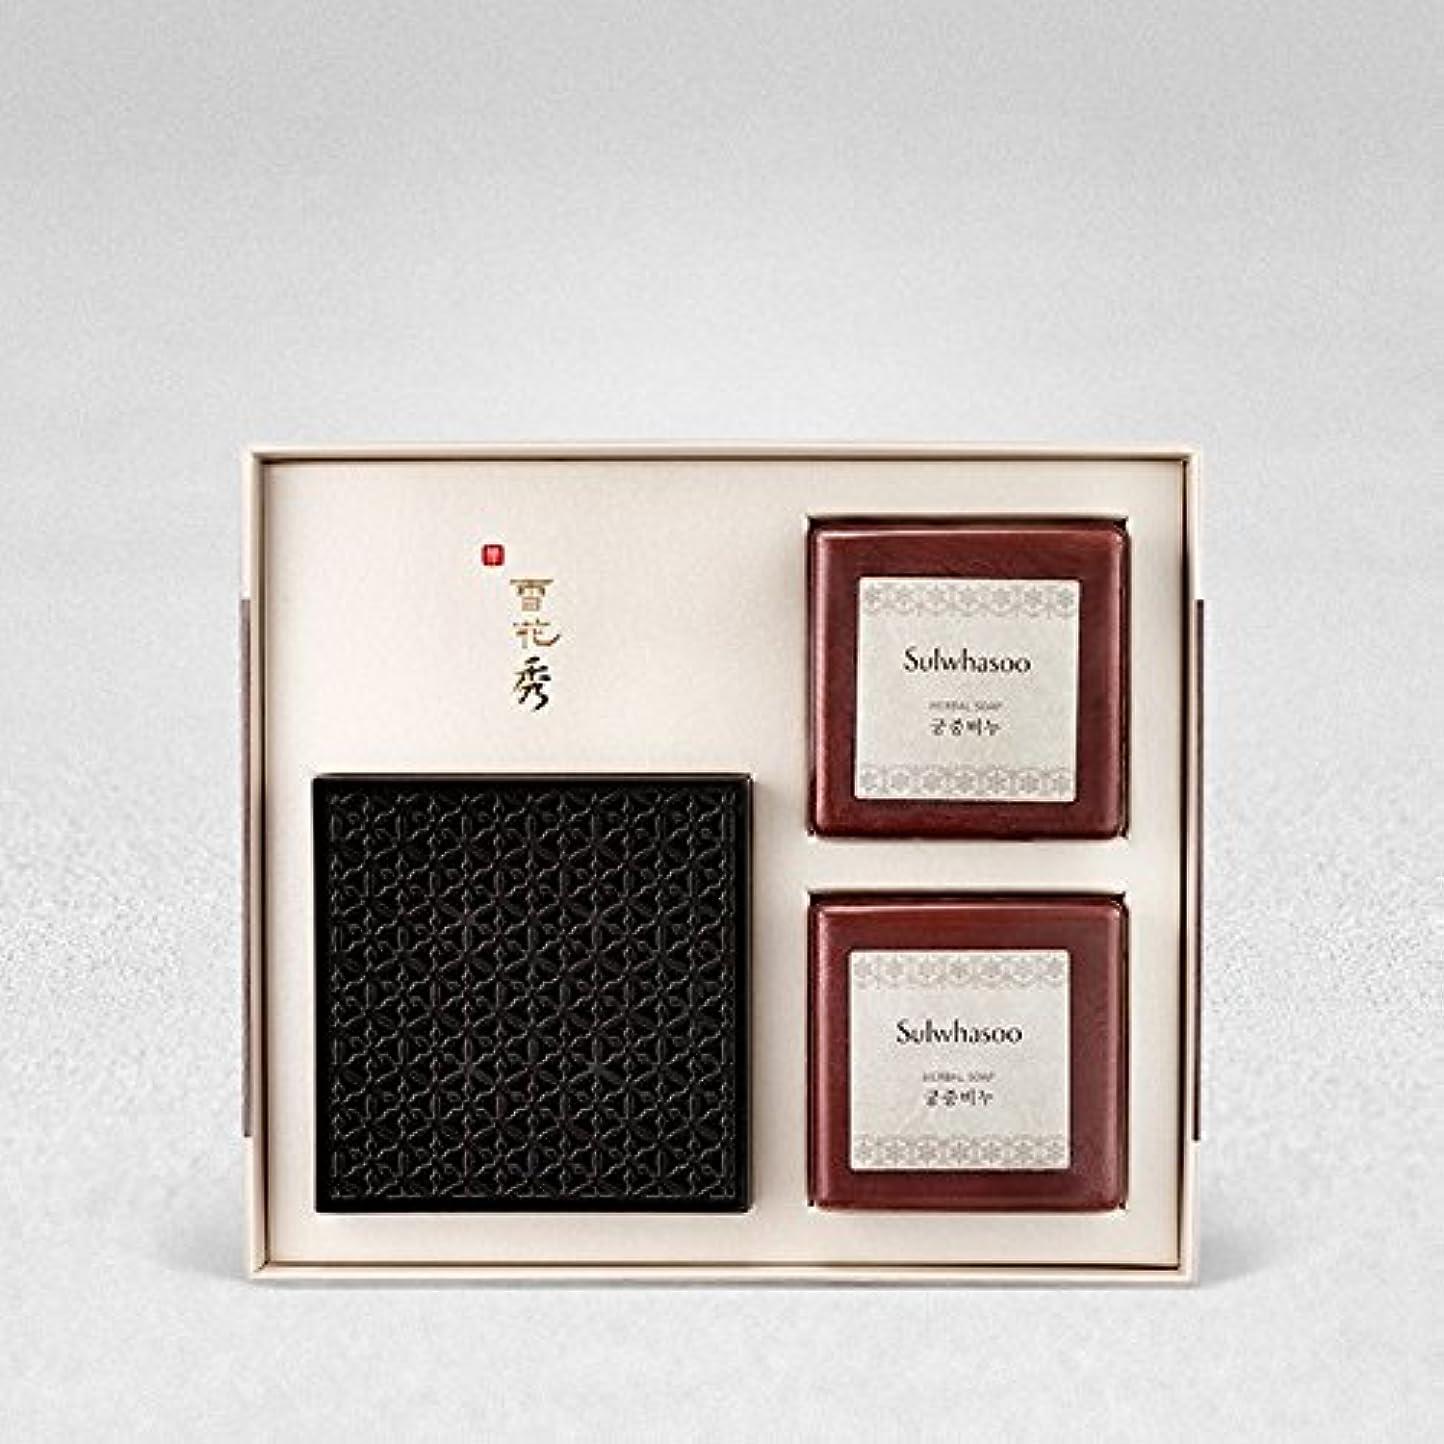 農学思慮深い混合したSulwhasoo Goong-Joong Soap 100gx2ea K-beauty[並行輸入品]